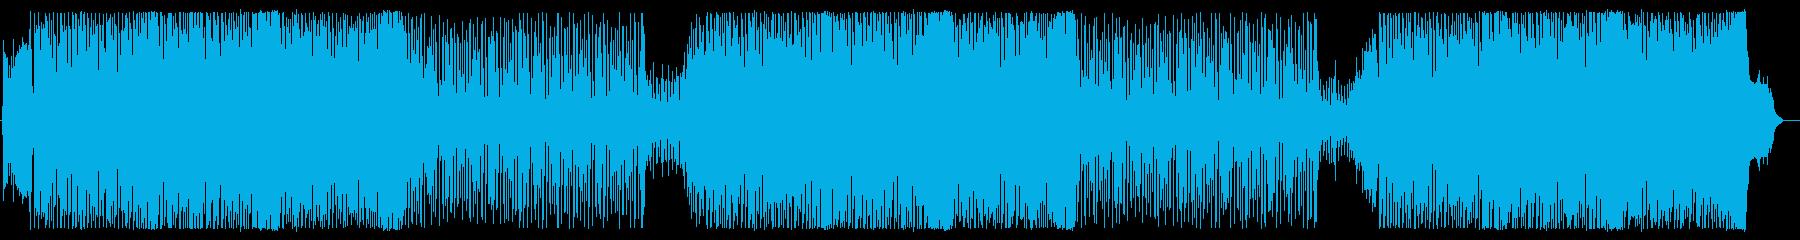 和風EDM。動画のオープニングにピッタリの再生済みの波形